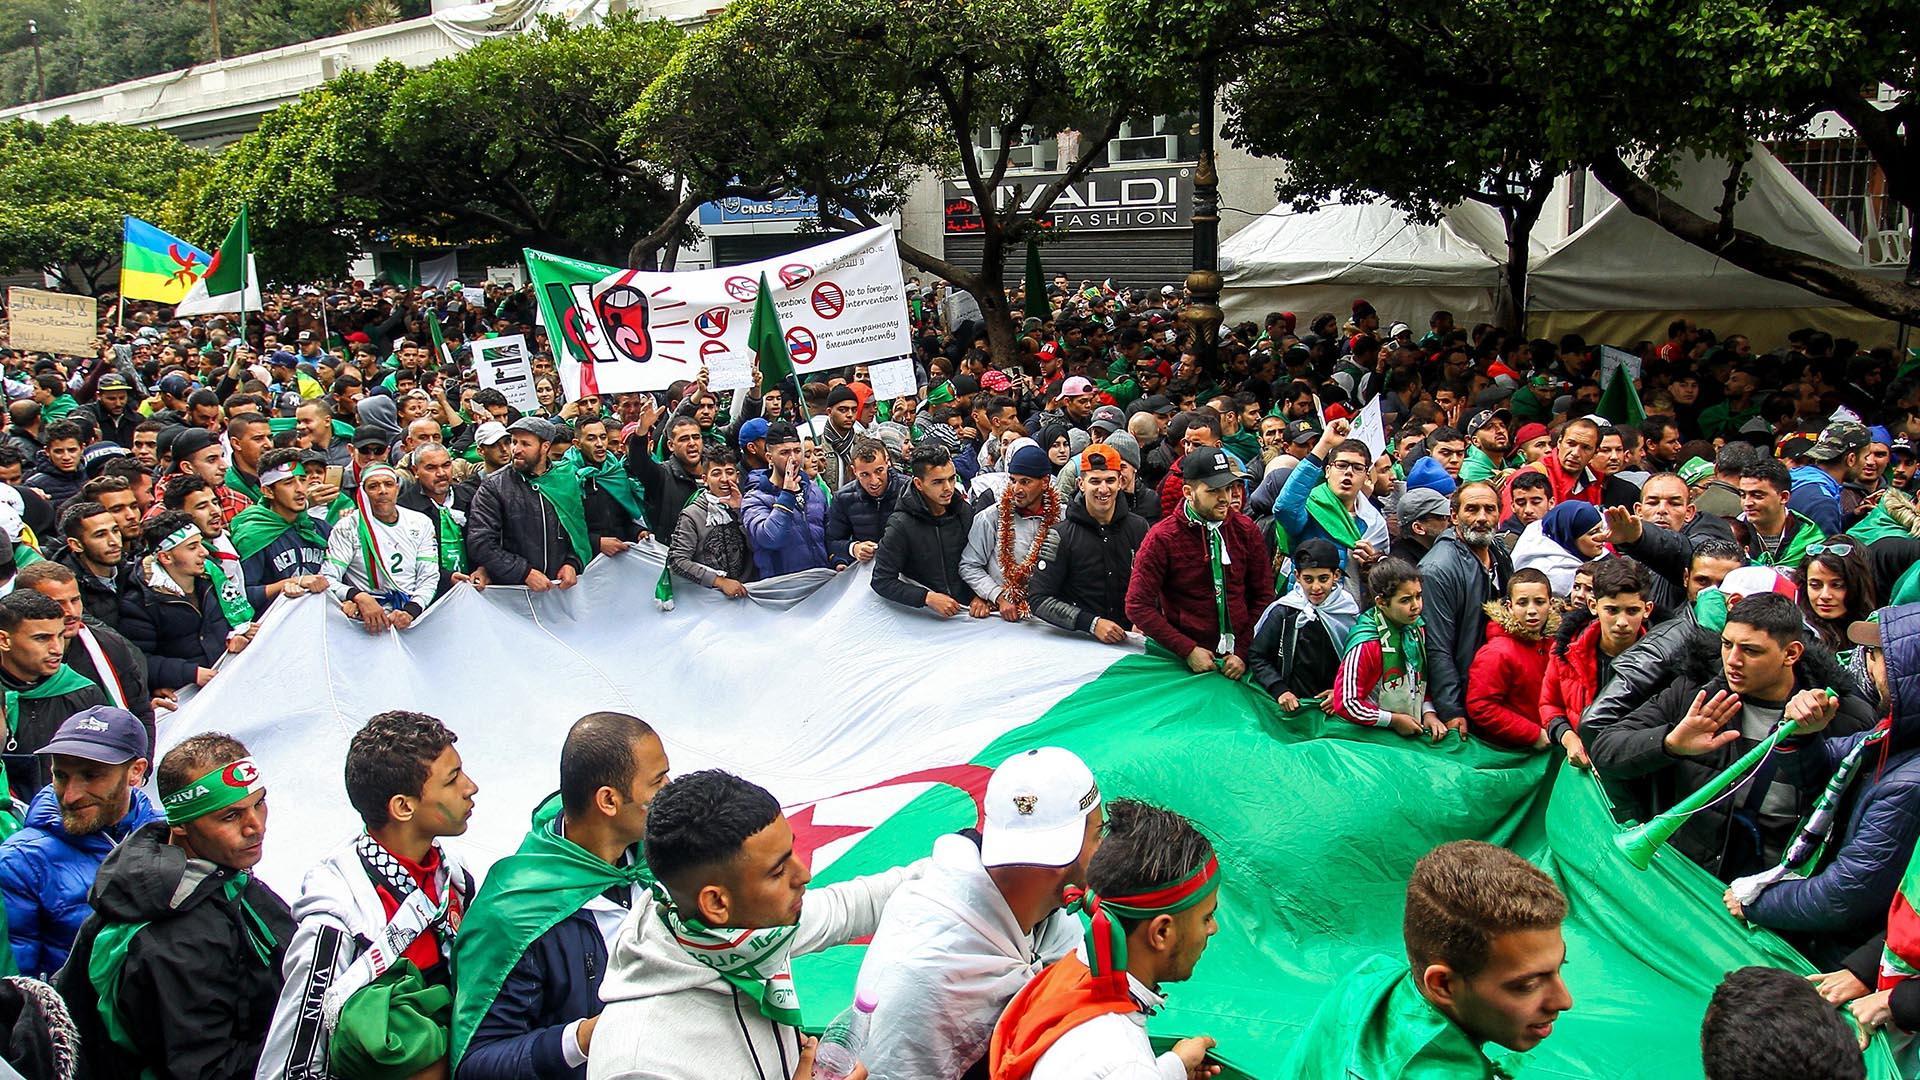 أخر-تطورات-الحراك-الشعبي-في-الجزائر